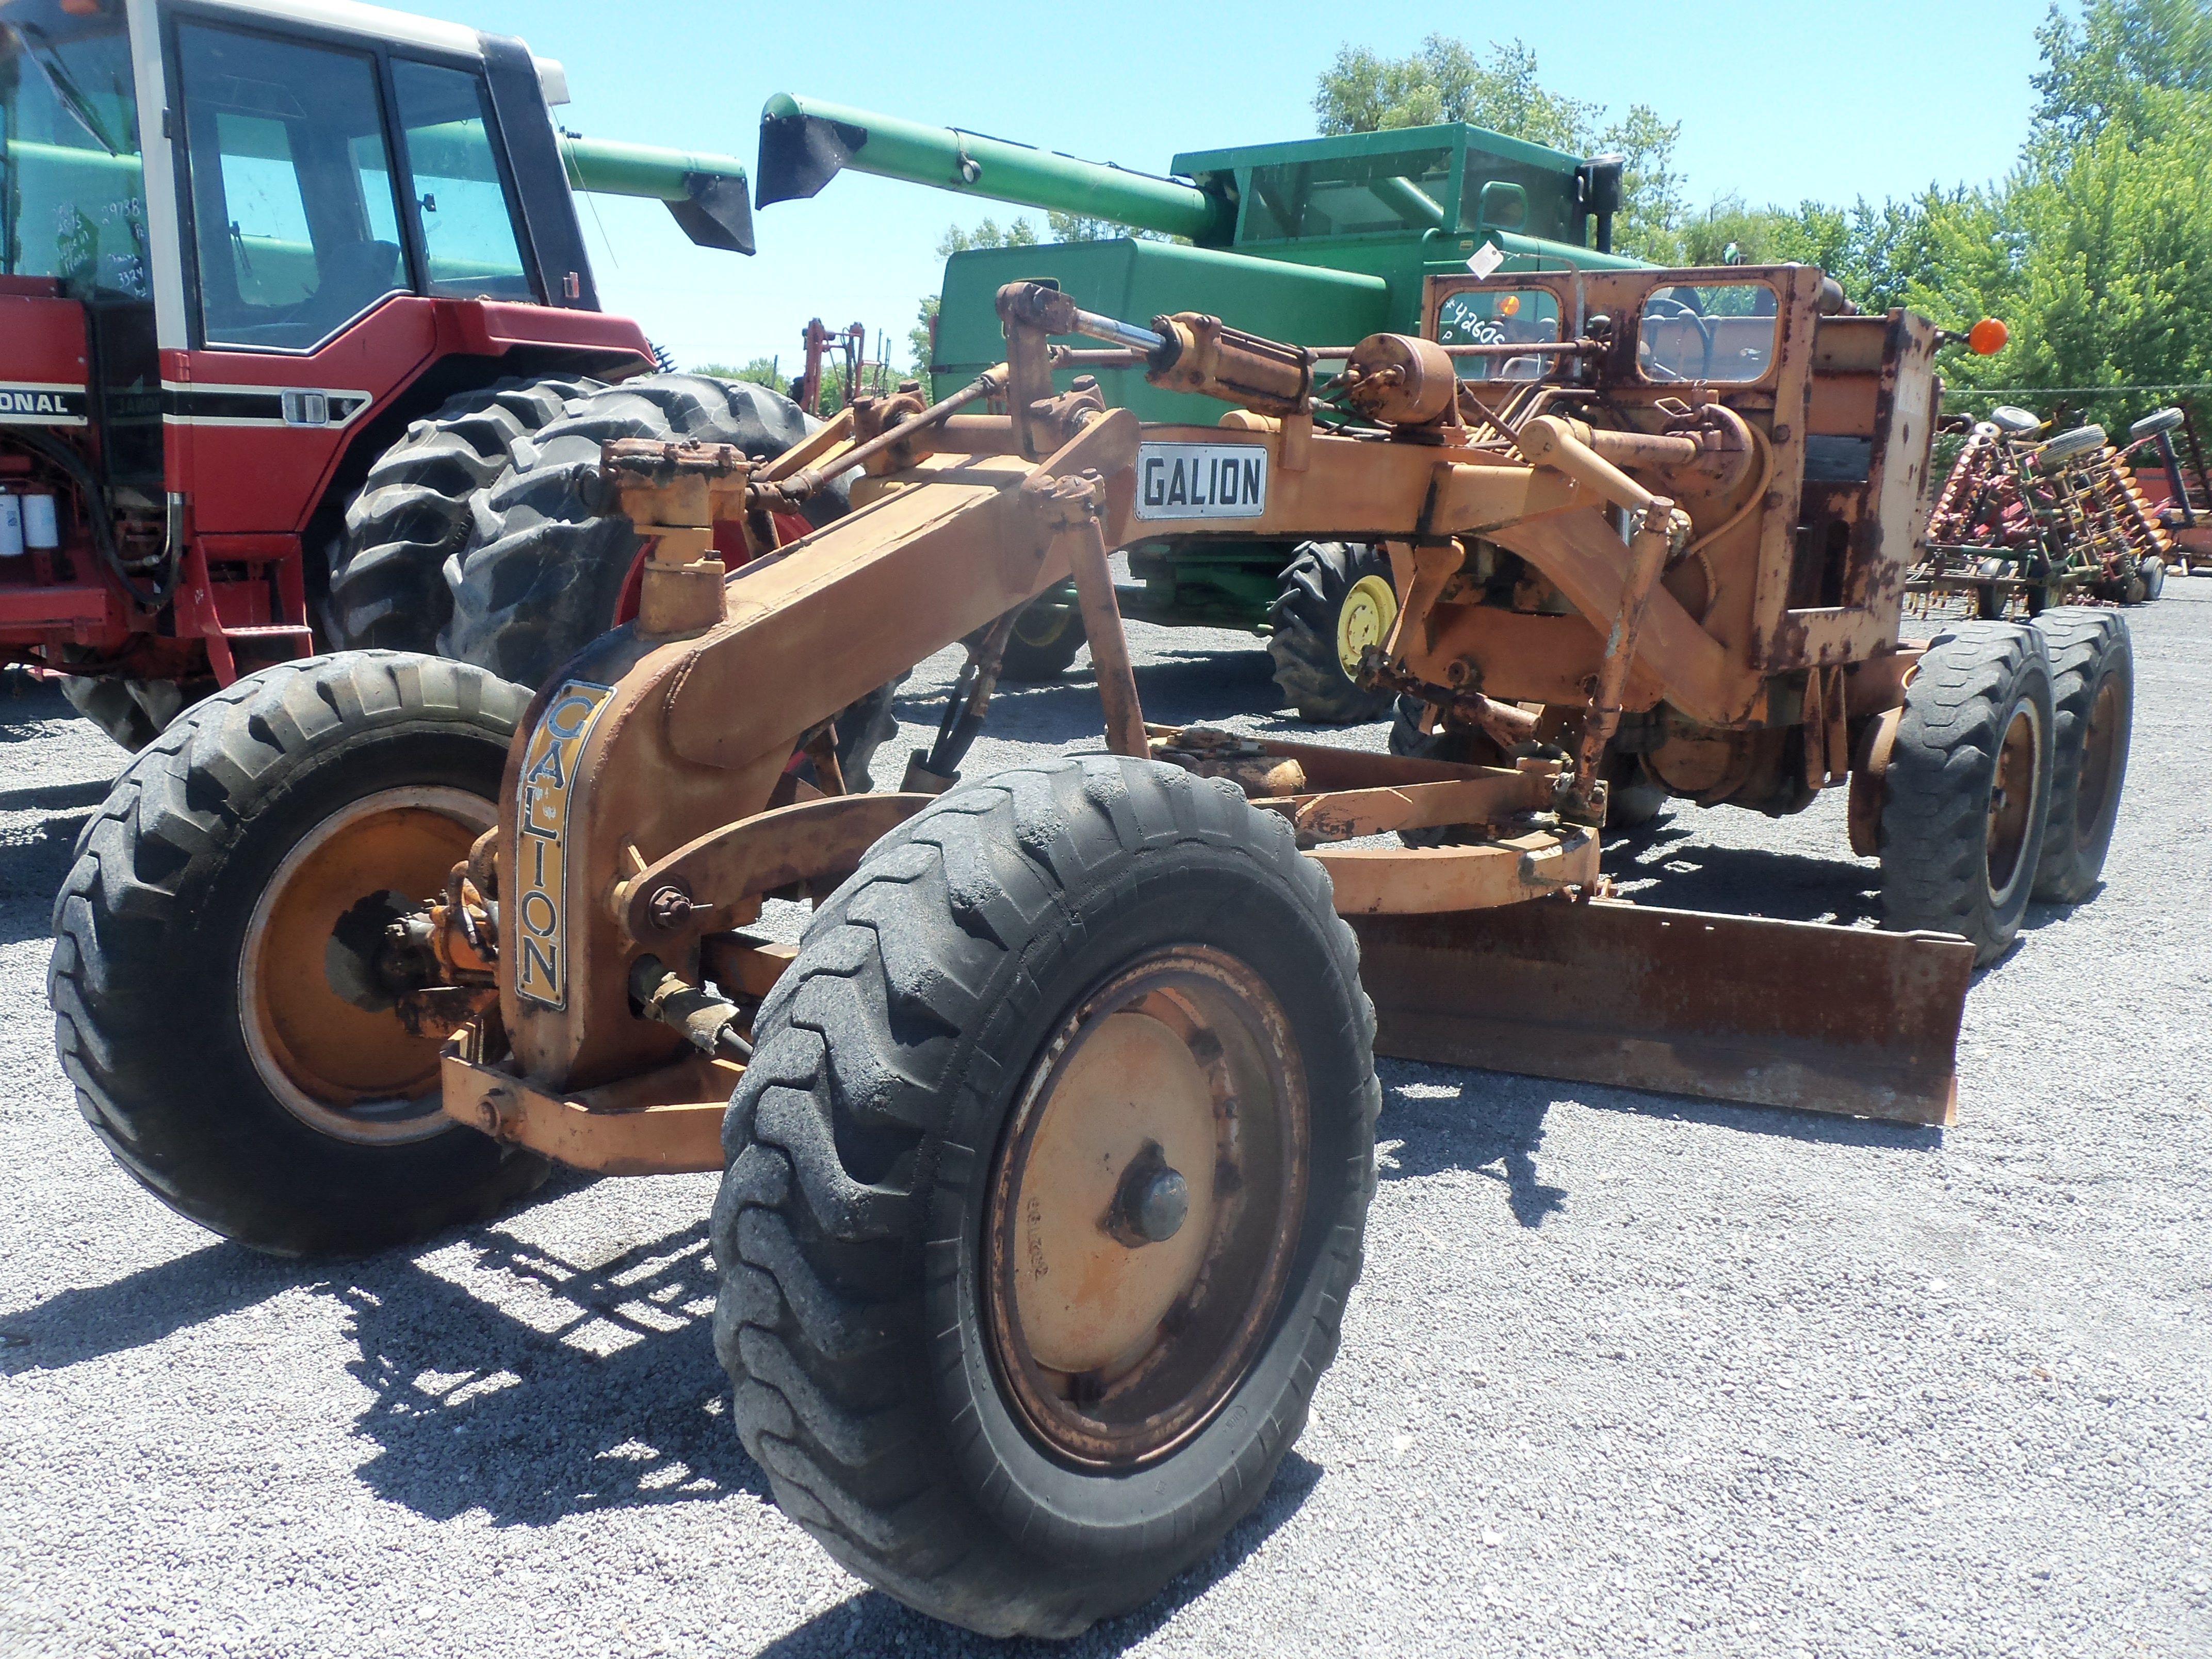 Old Galion motor grader | Construction Equipment | Motor